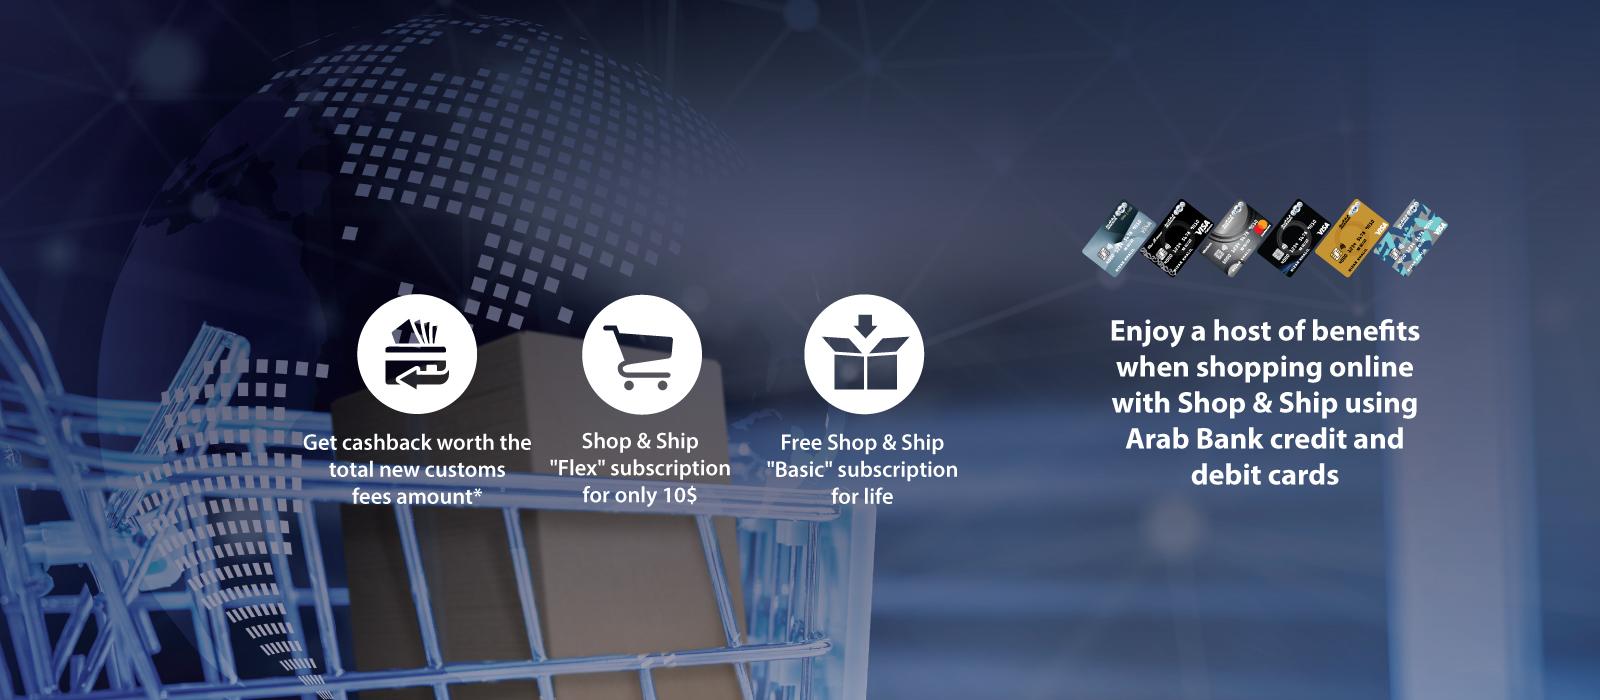 New-Website-Banner-1600x700-amend3-E